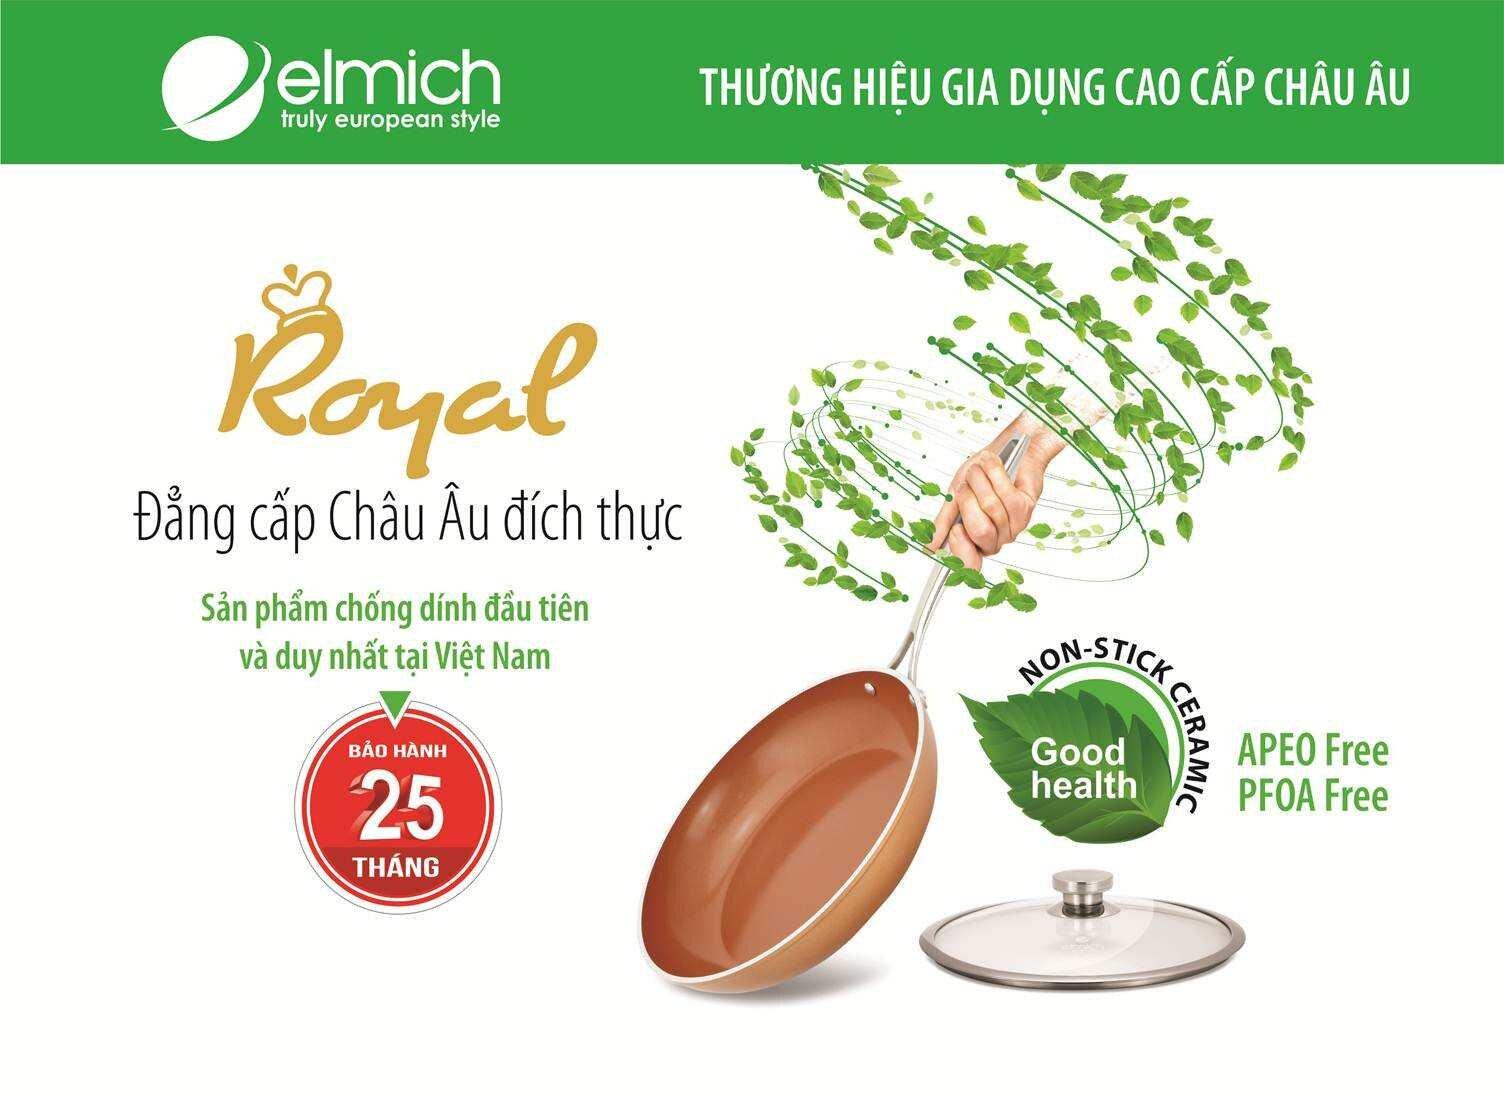 Elmich- thương hiệu gia dụng cao cấp Châu Âu